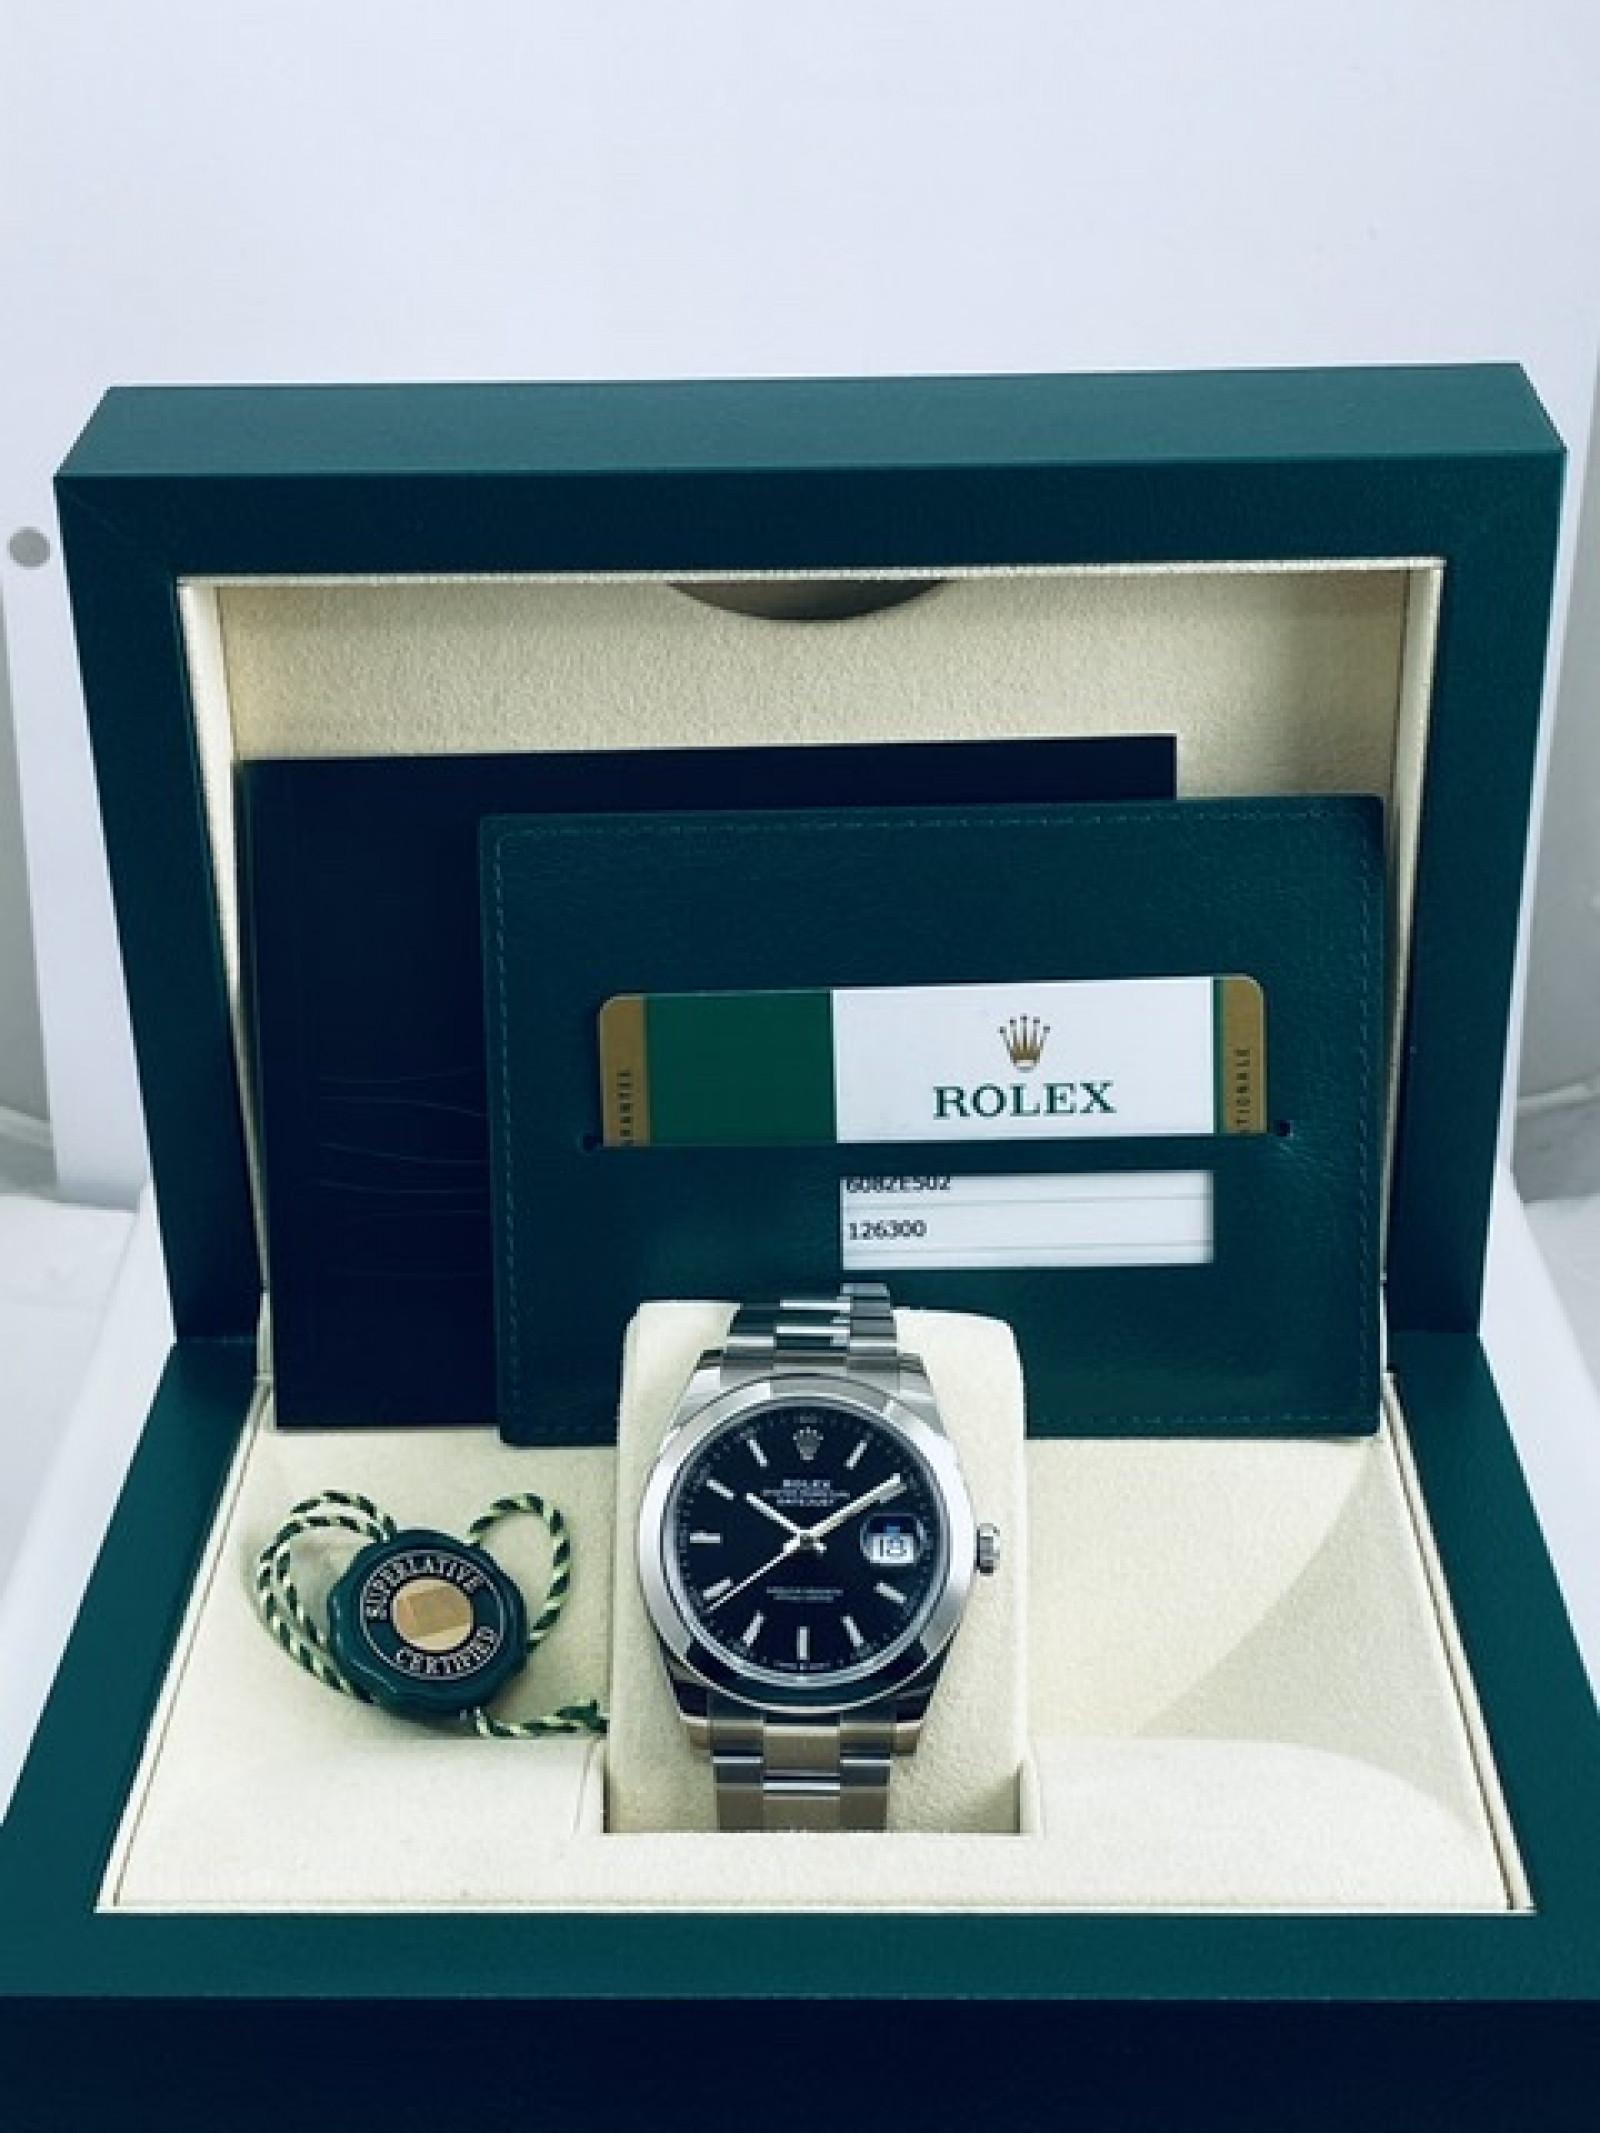 2019 Black Rolex Datejust Ref. 126300